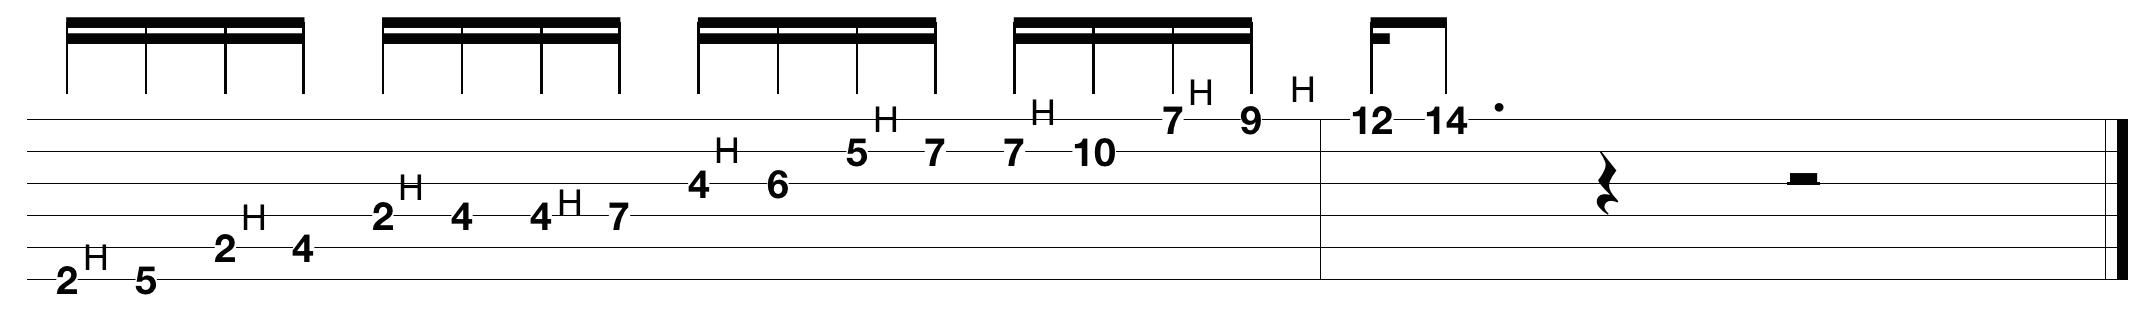 justin-guitar-scales_3.png